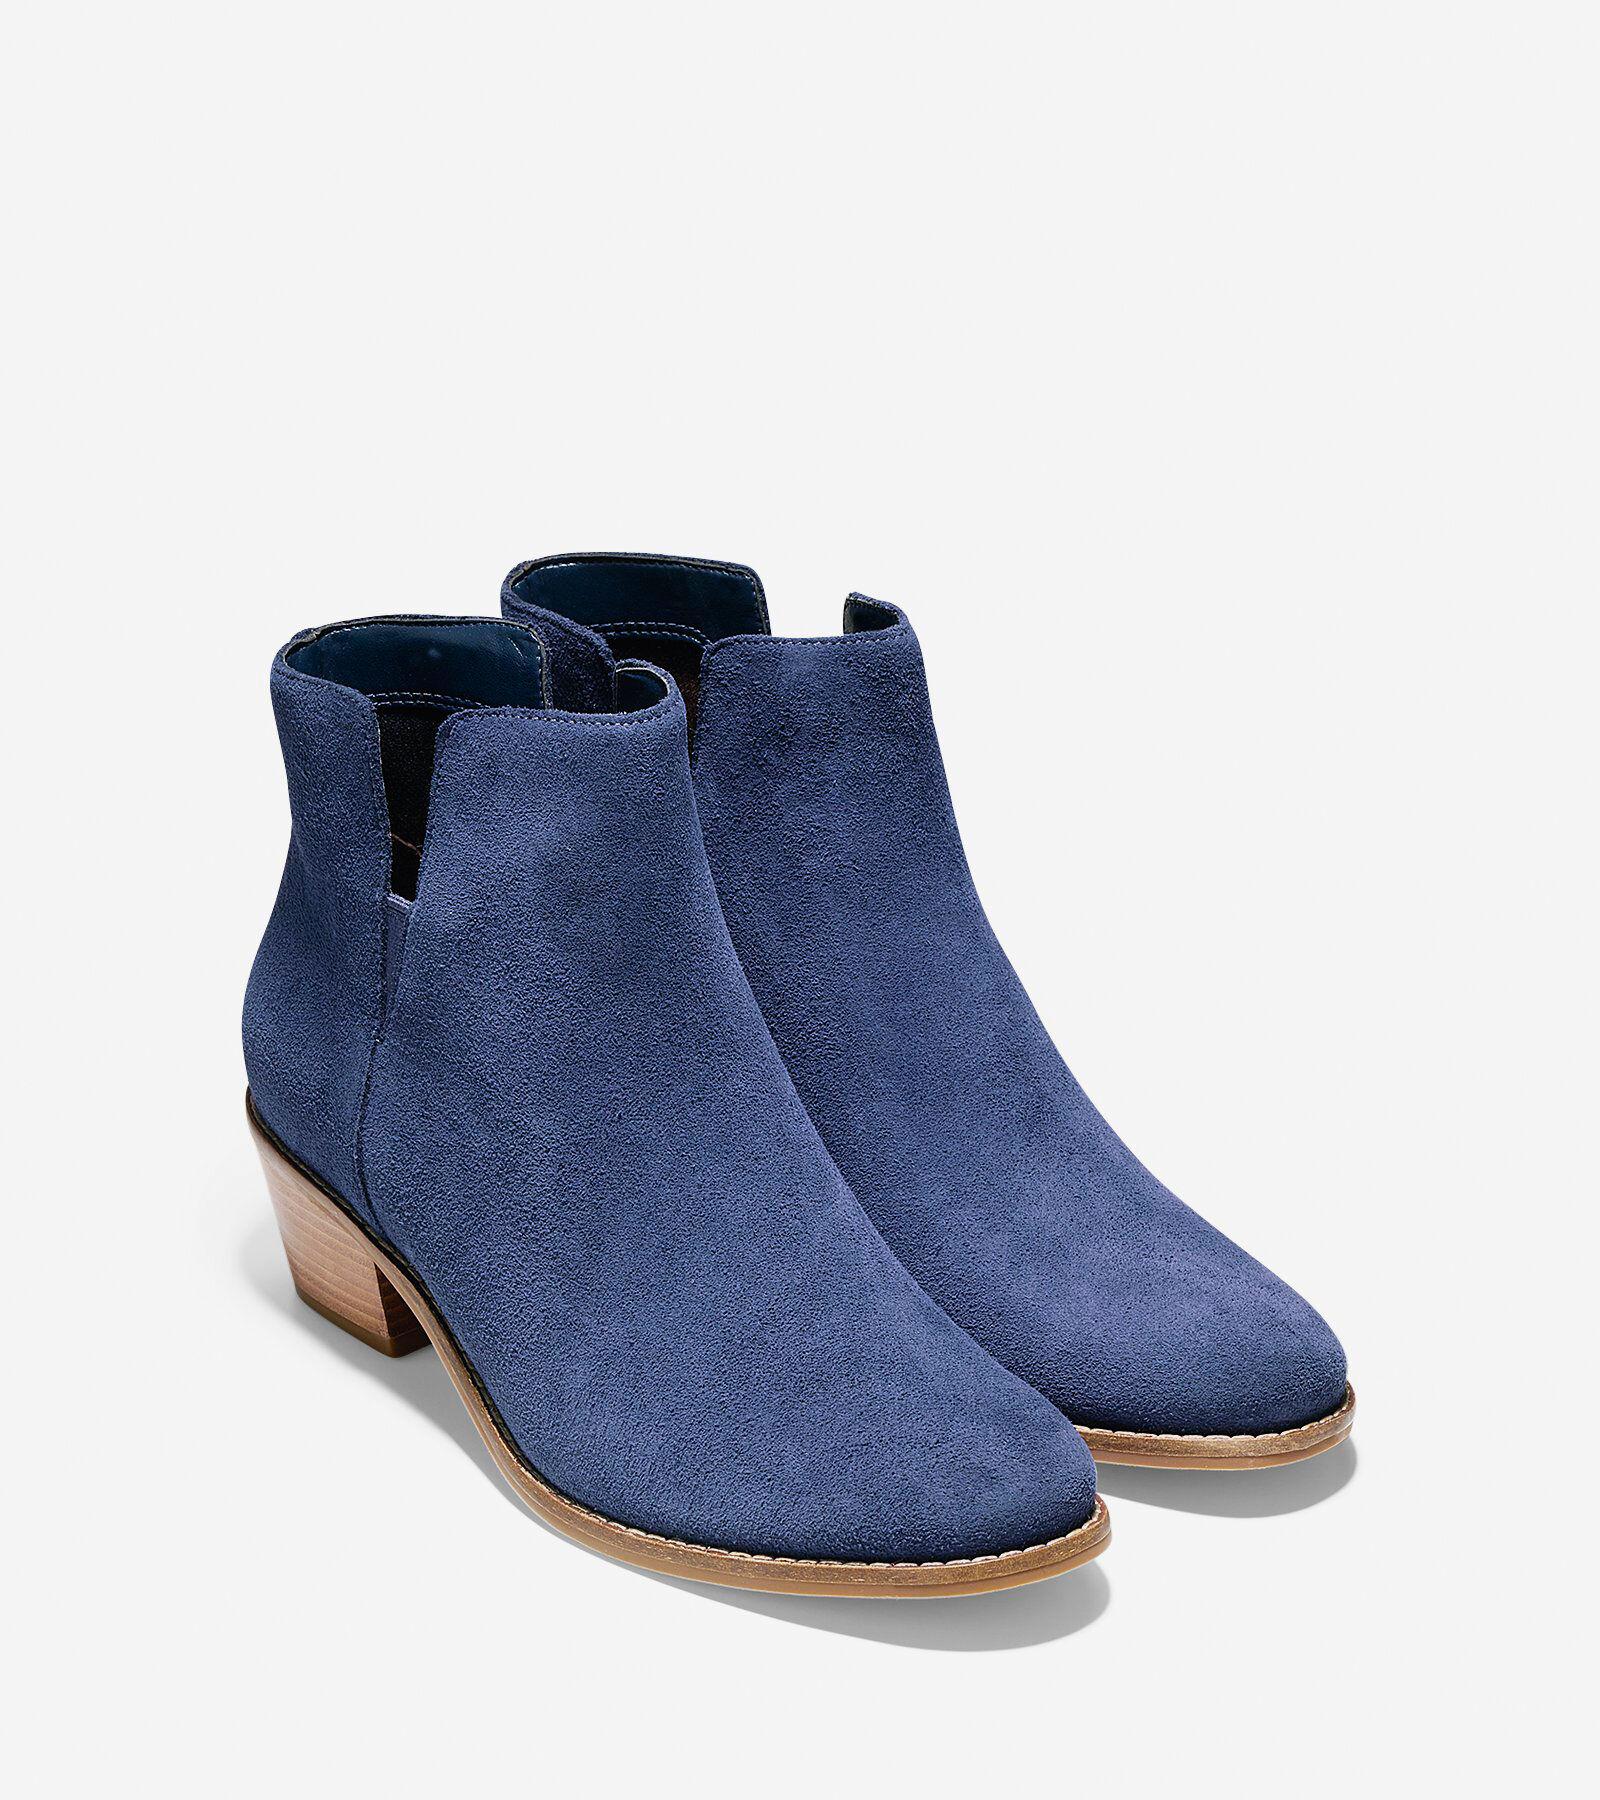 Womens Boots Cole Haan Abbot Bootie Blazer Blue Suede